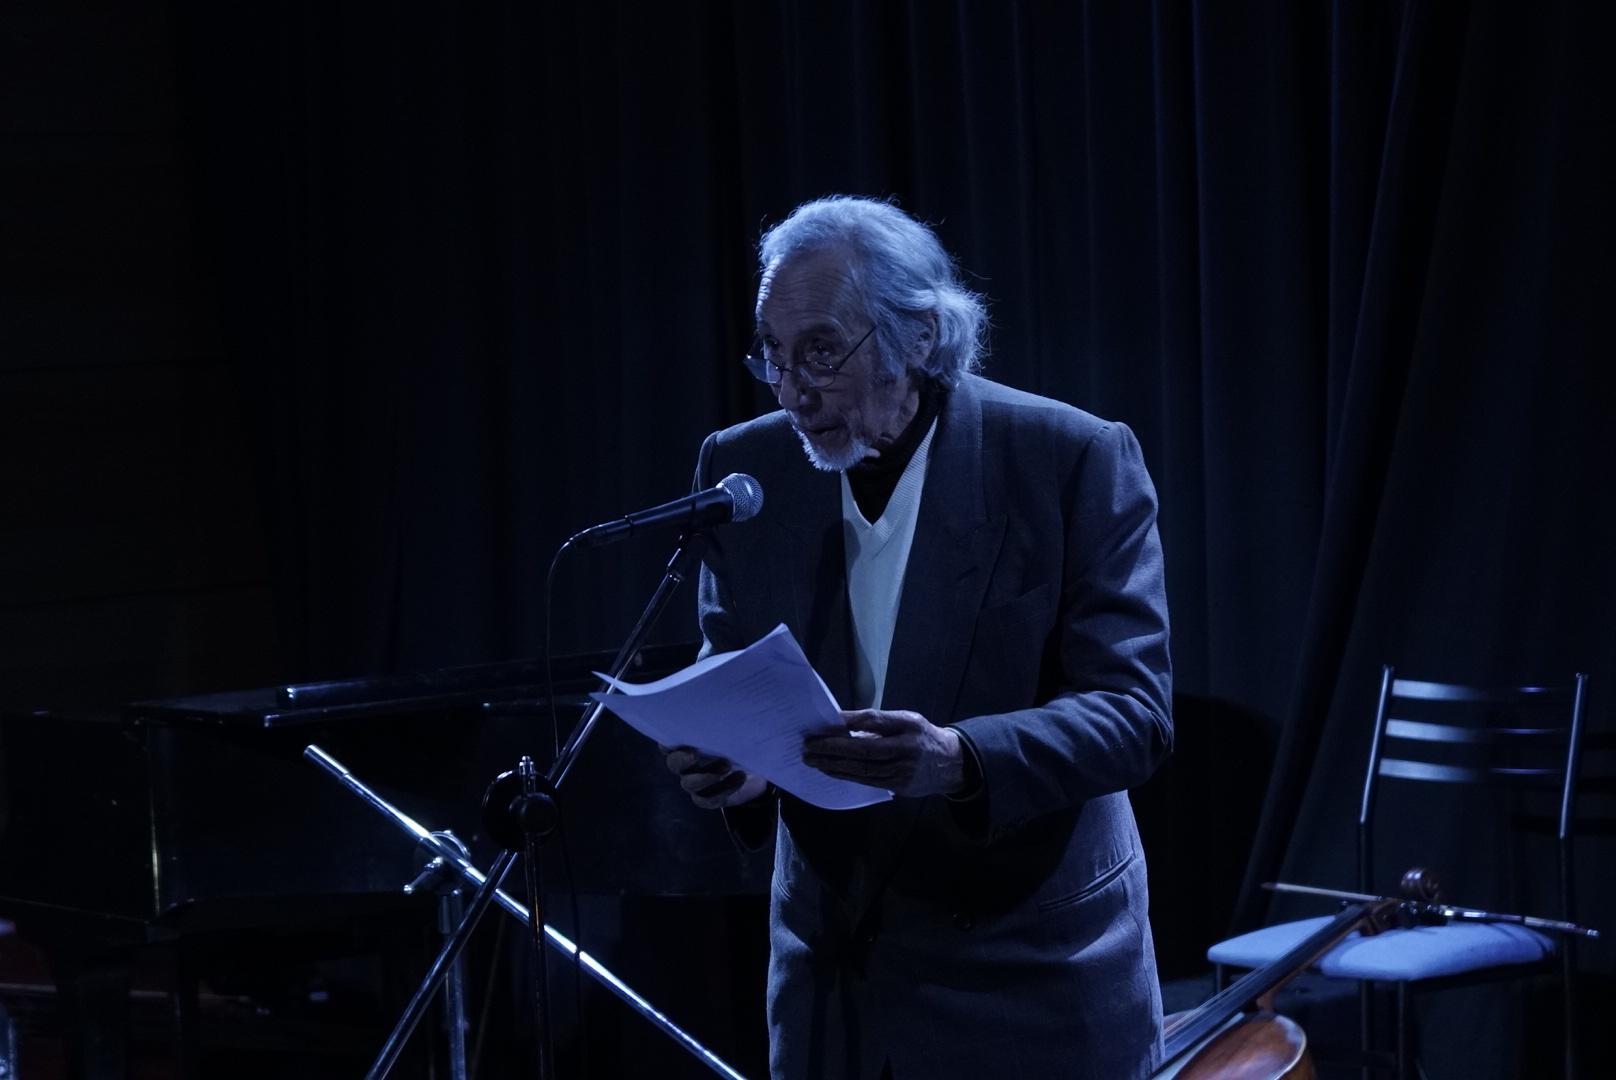 Mario Lorca